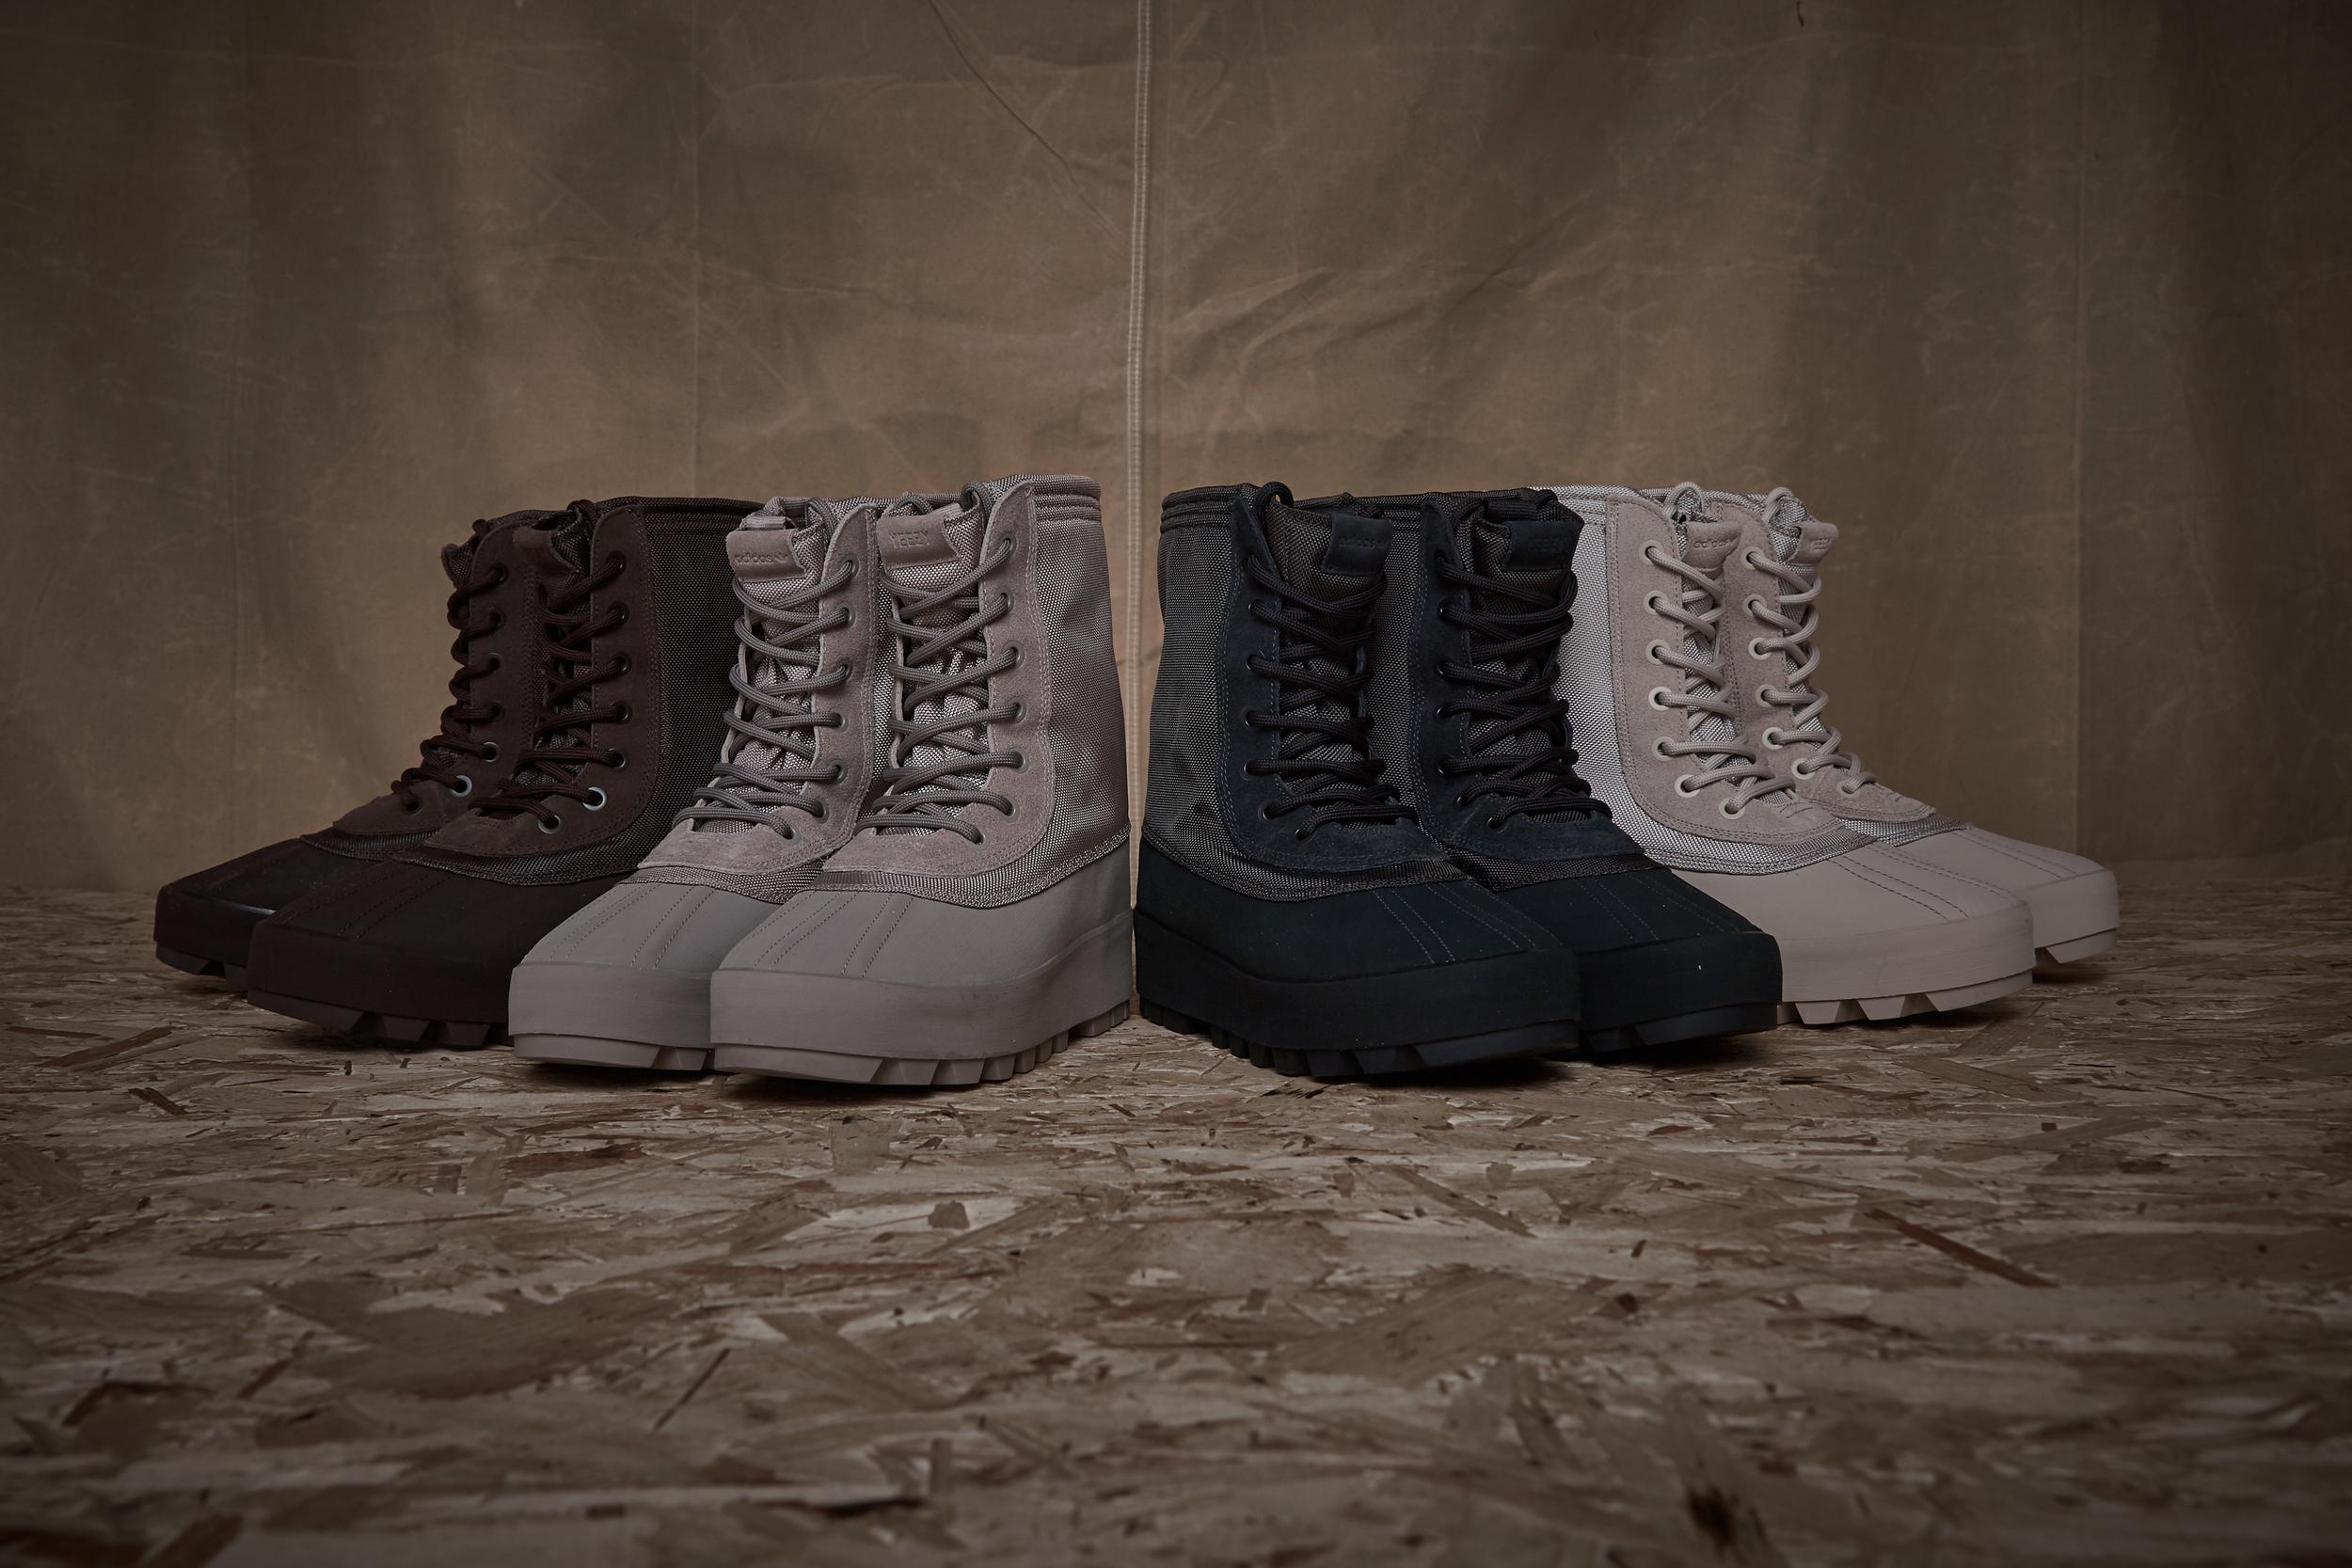 11d5deca571ed Adidas Yeezy Season 1 + 950 Boots Online Links — Sneaker Shouts